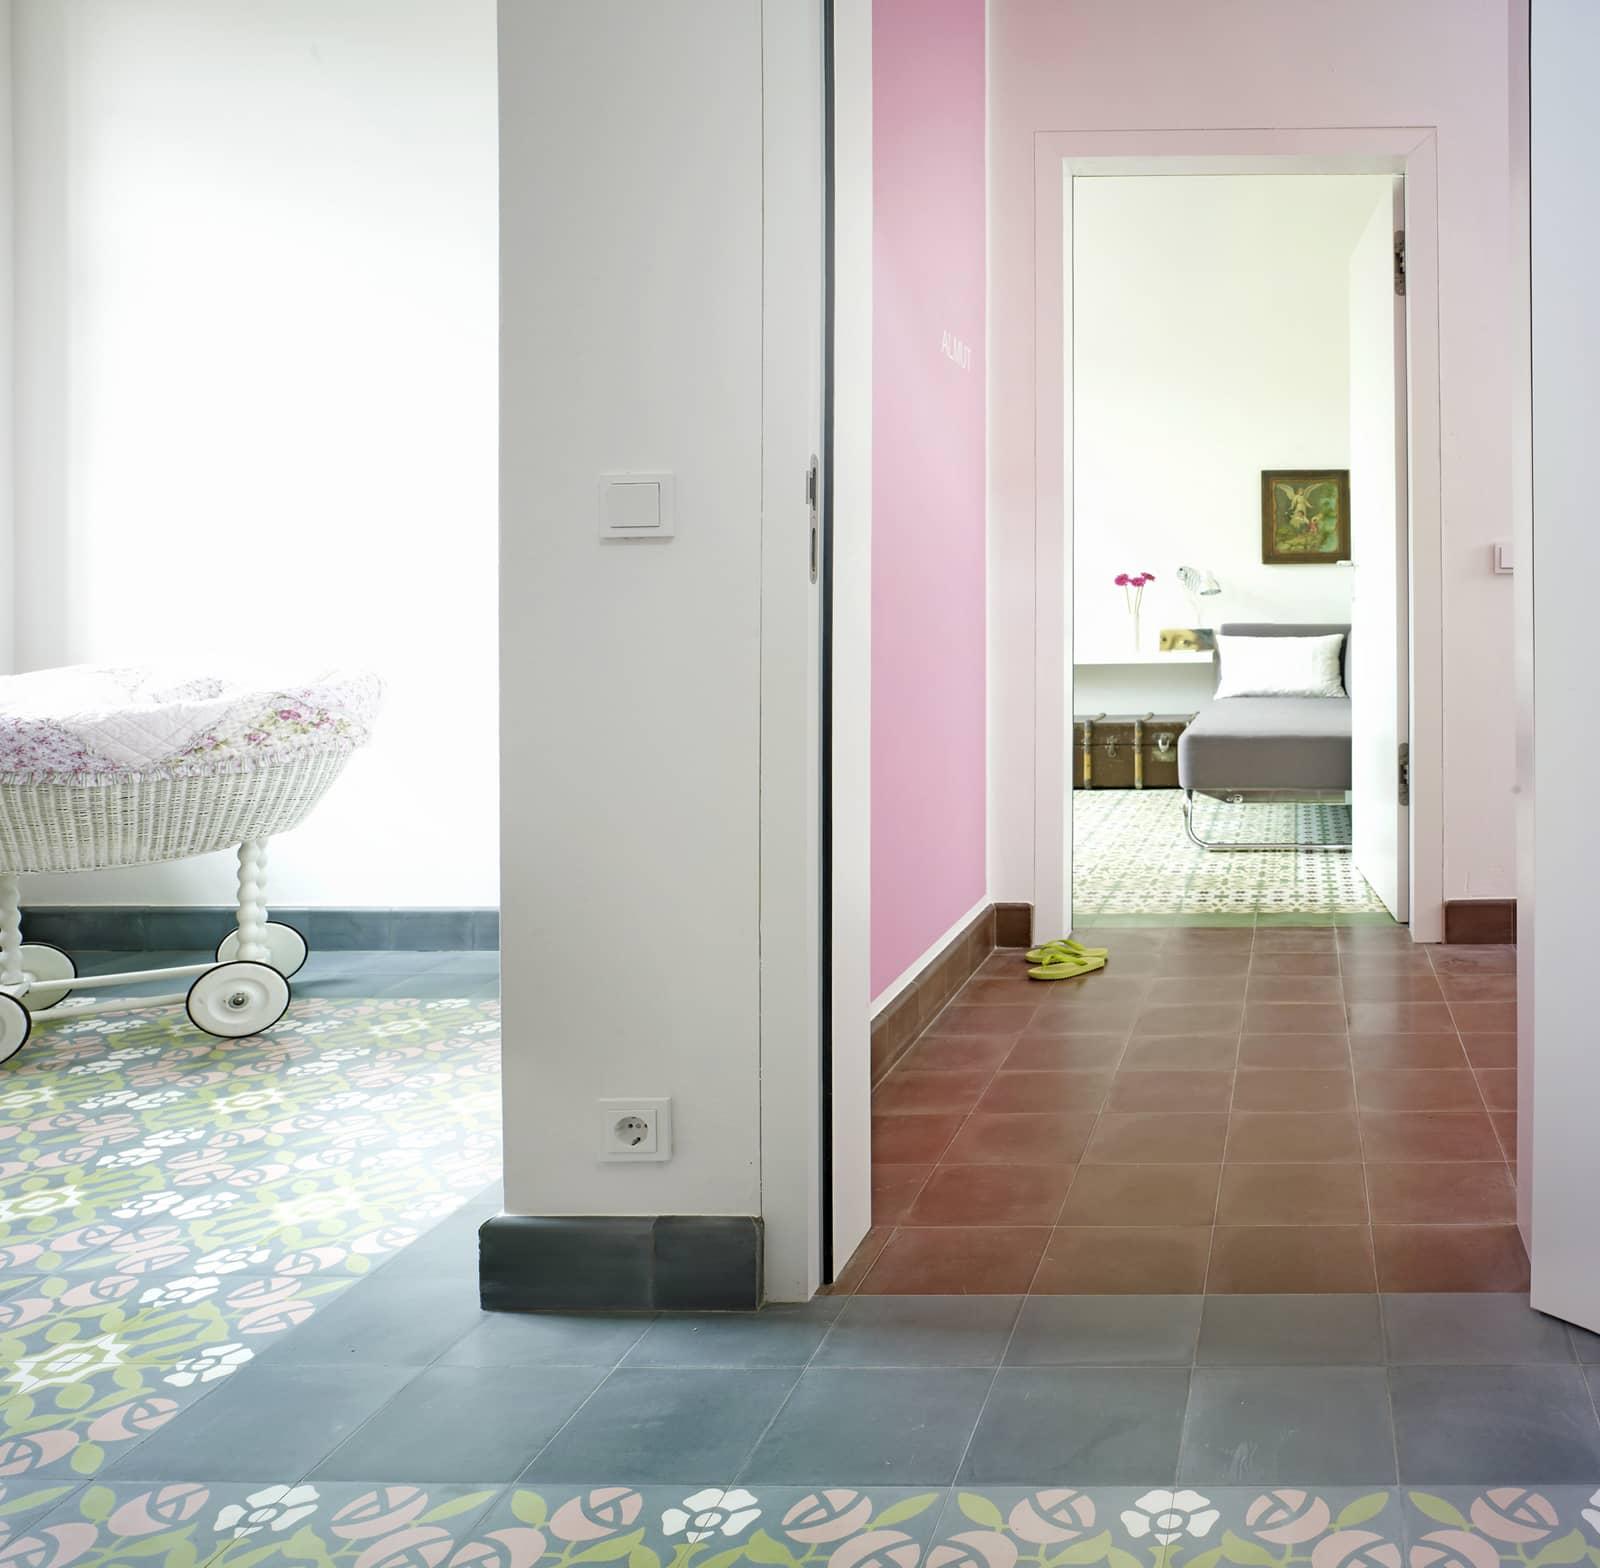 zementfliesen-terrazzofliesen-kreidefarbe-terrazzo-fugenlos-viaplatten-72-living | 72